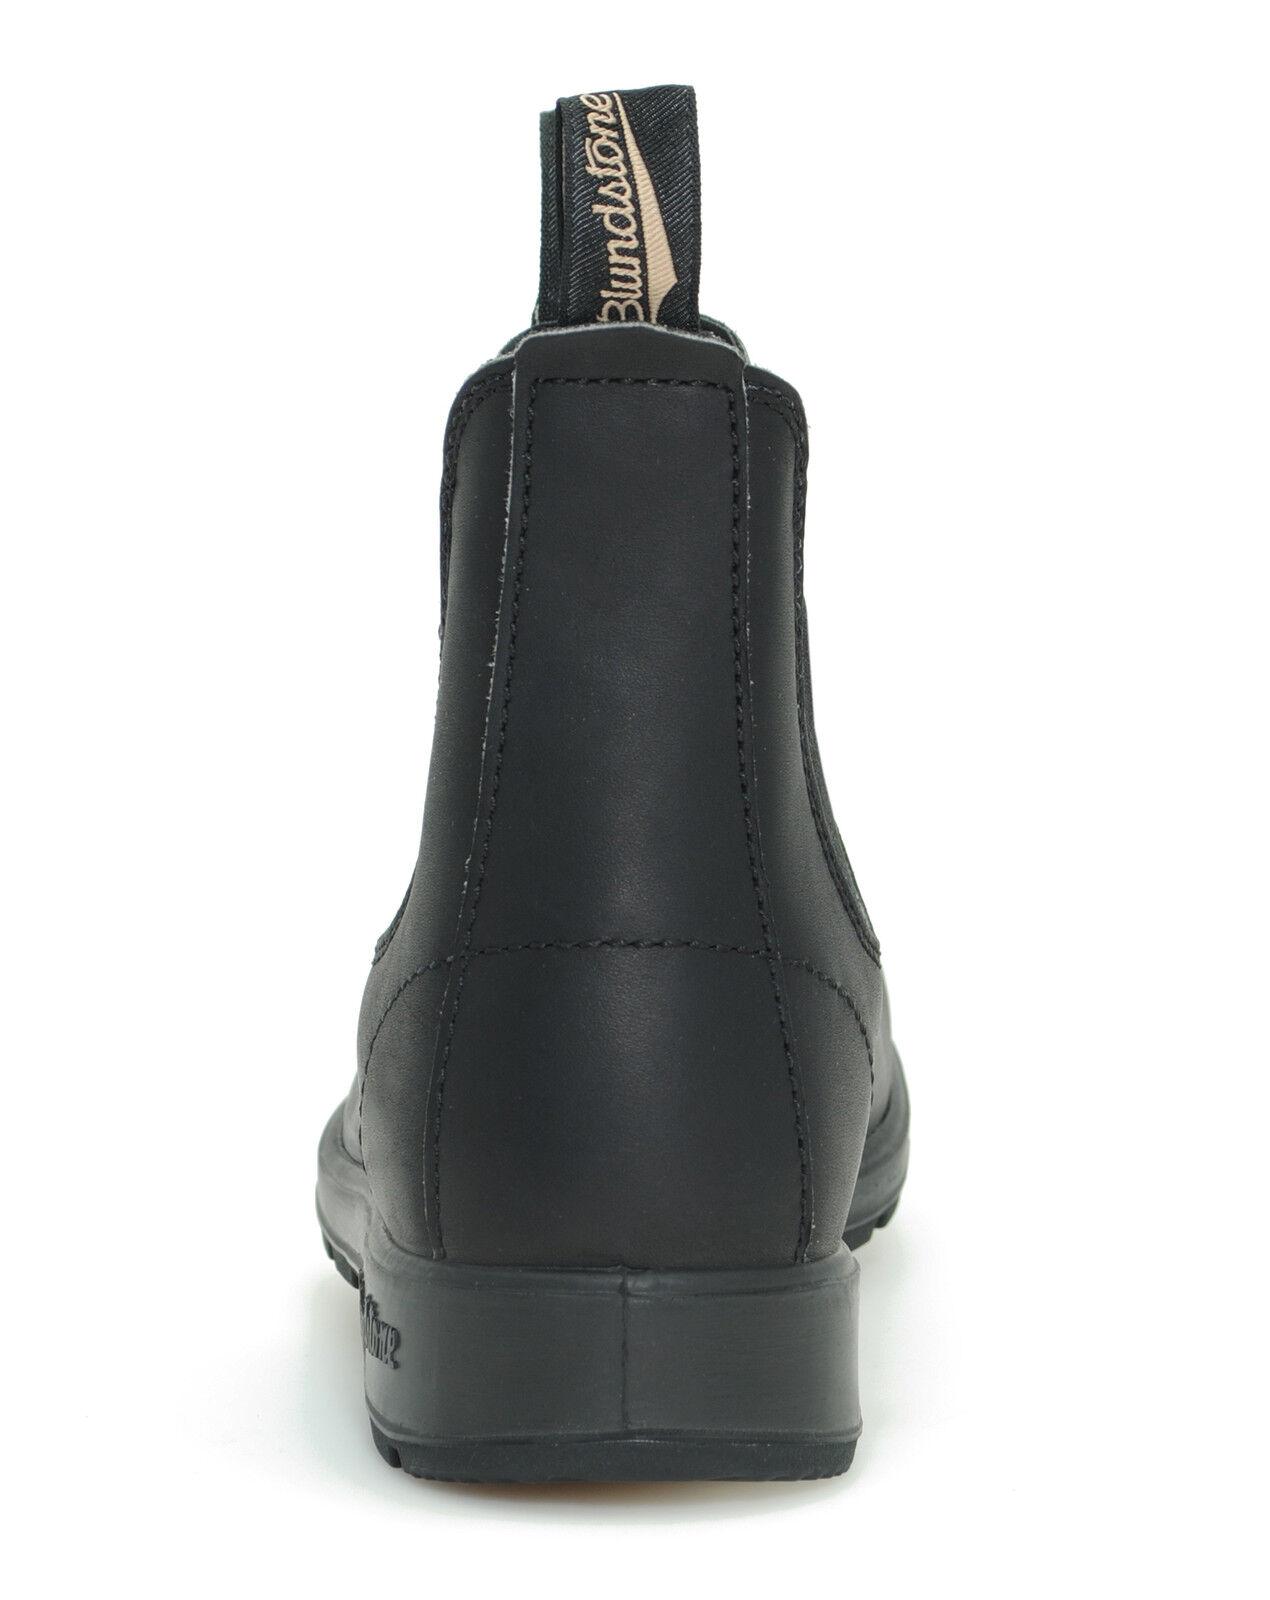 ORIGINALE ESERCITO TEDESCO STIVALI Montagna MONTAGNA MEINDL BW Montagna STIVALI Scarpe Stivali Outdoor scarpe 9f677b